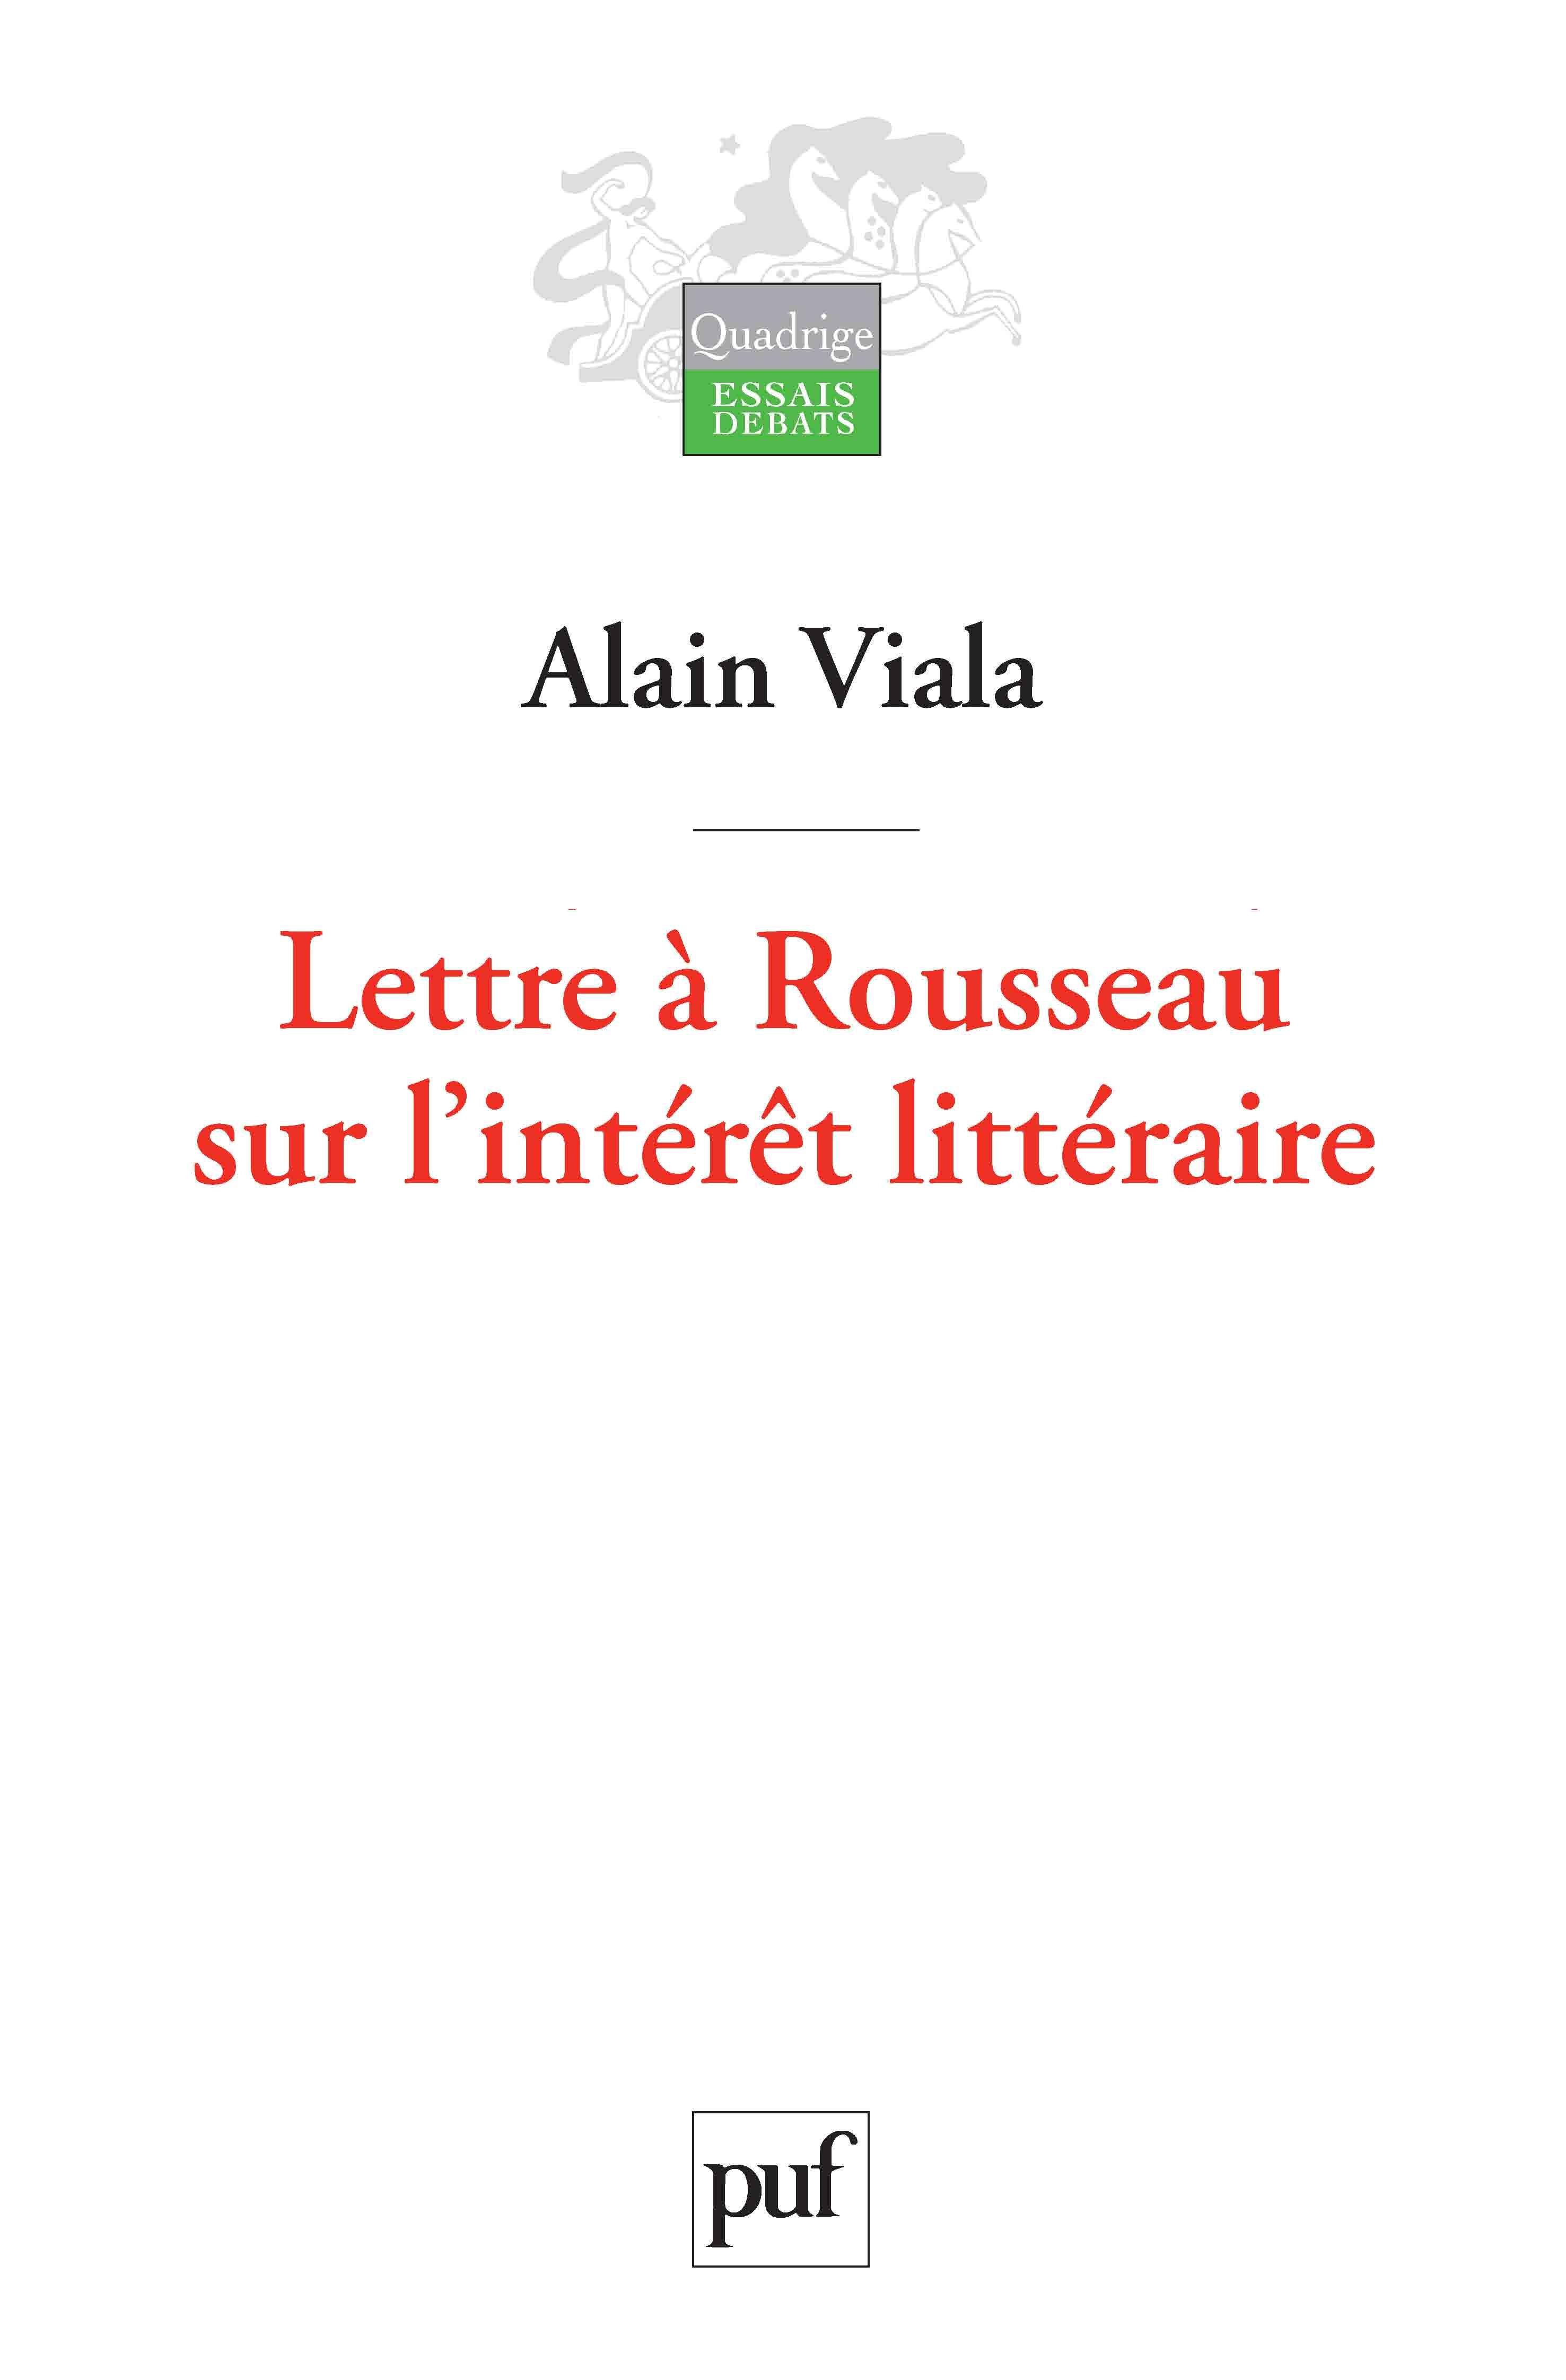 Boite Lumineuse Idee Message lettre à rousseau sur l'intérêt littéraire | cairn